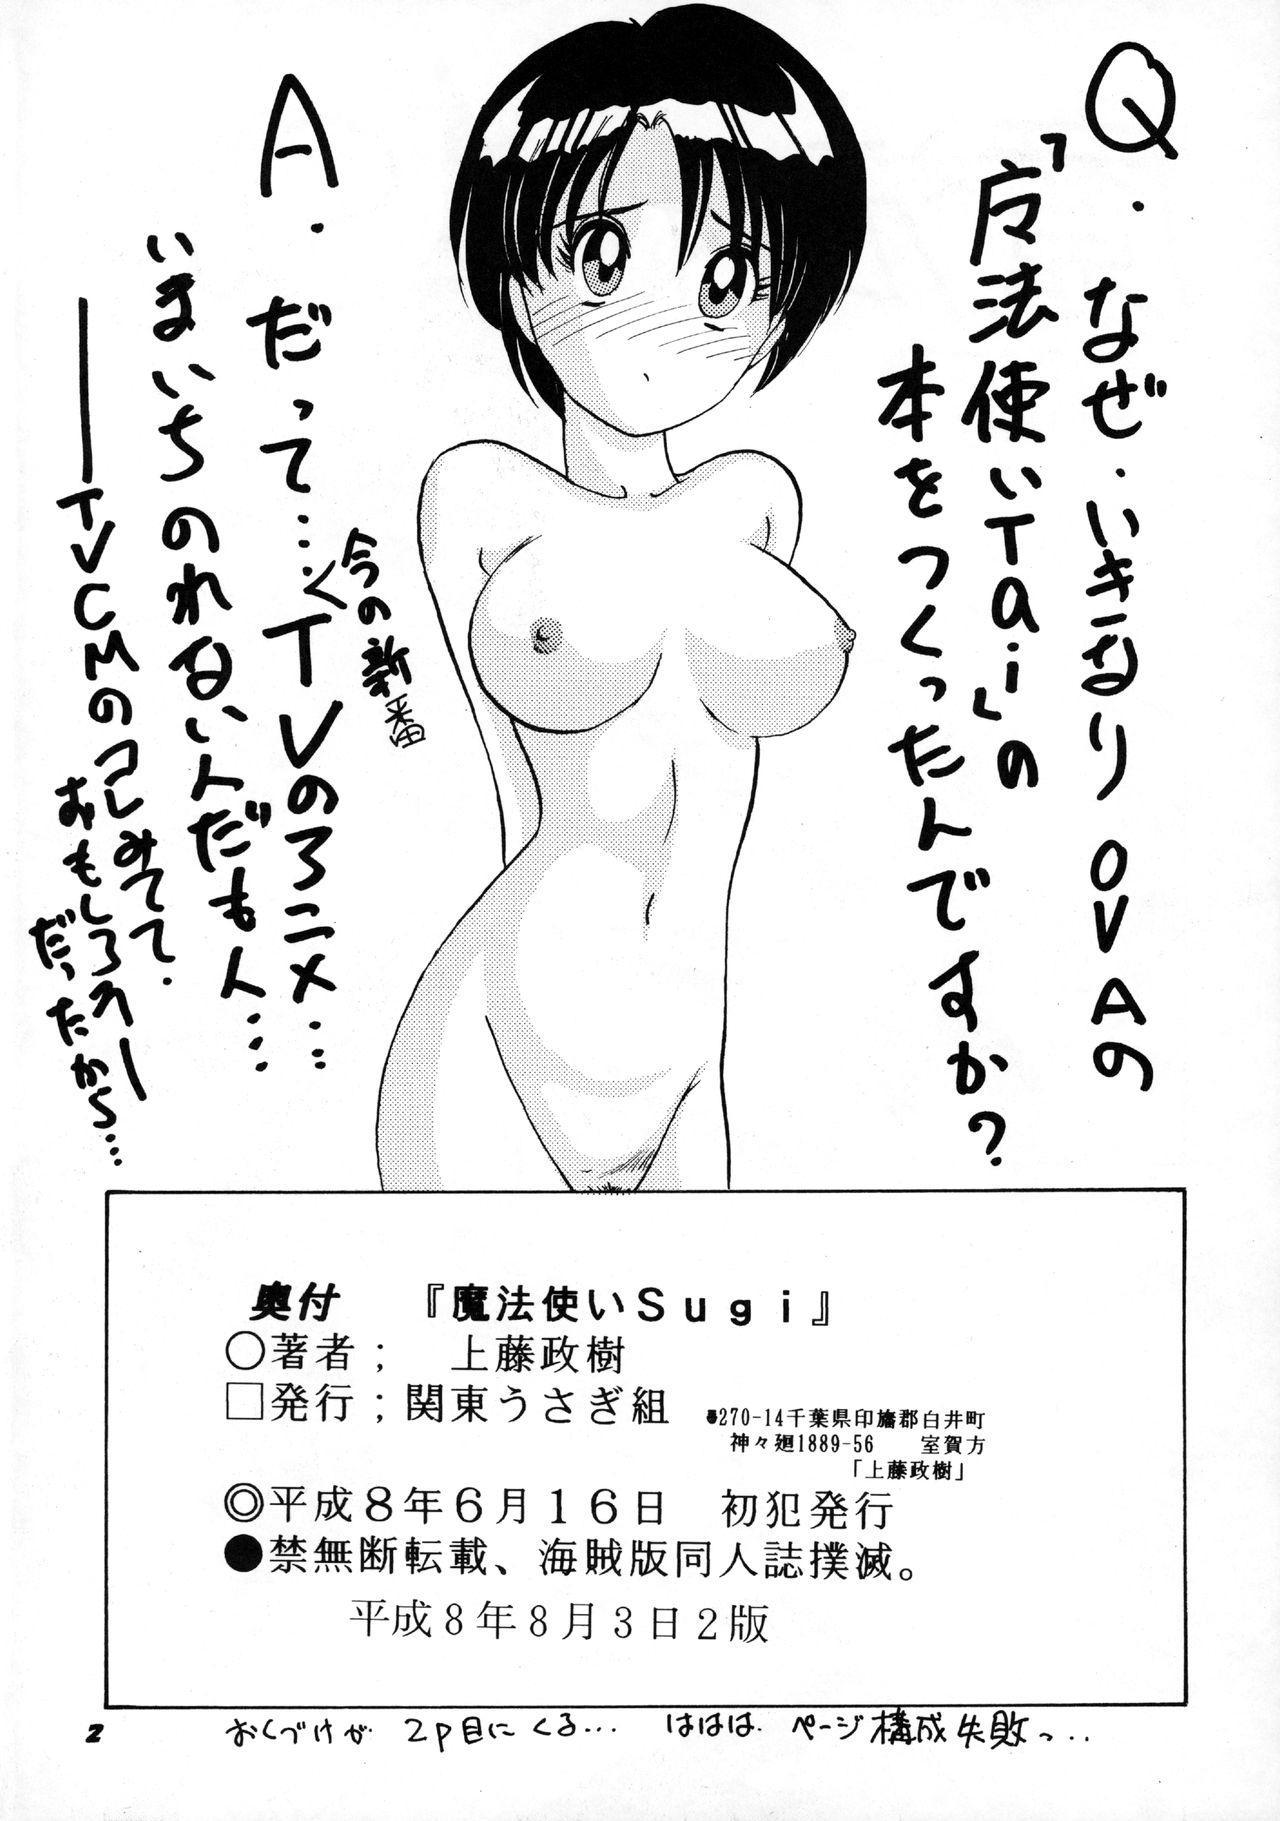 Mahoutsukai Sugi 2